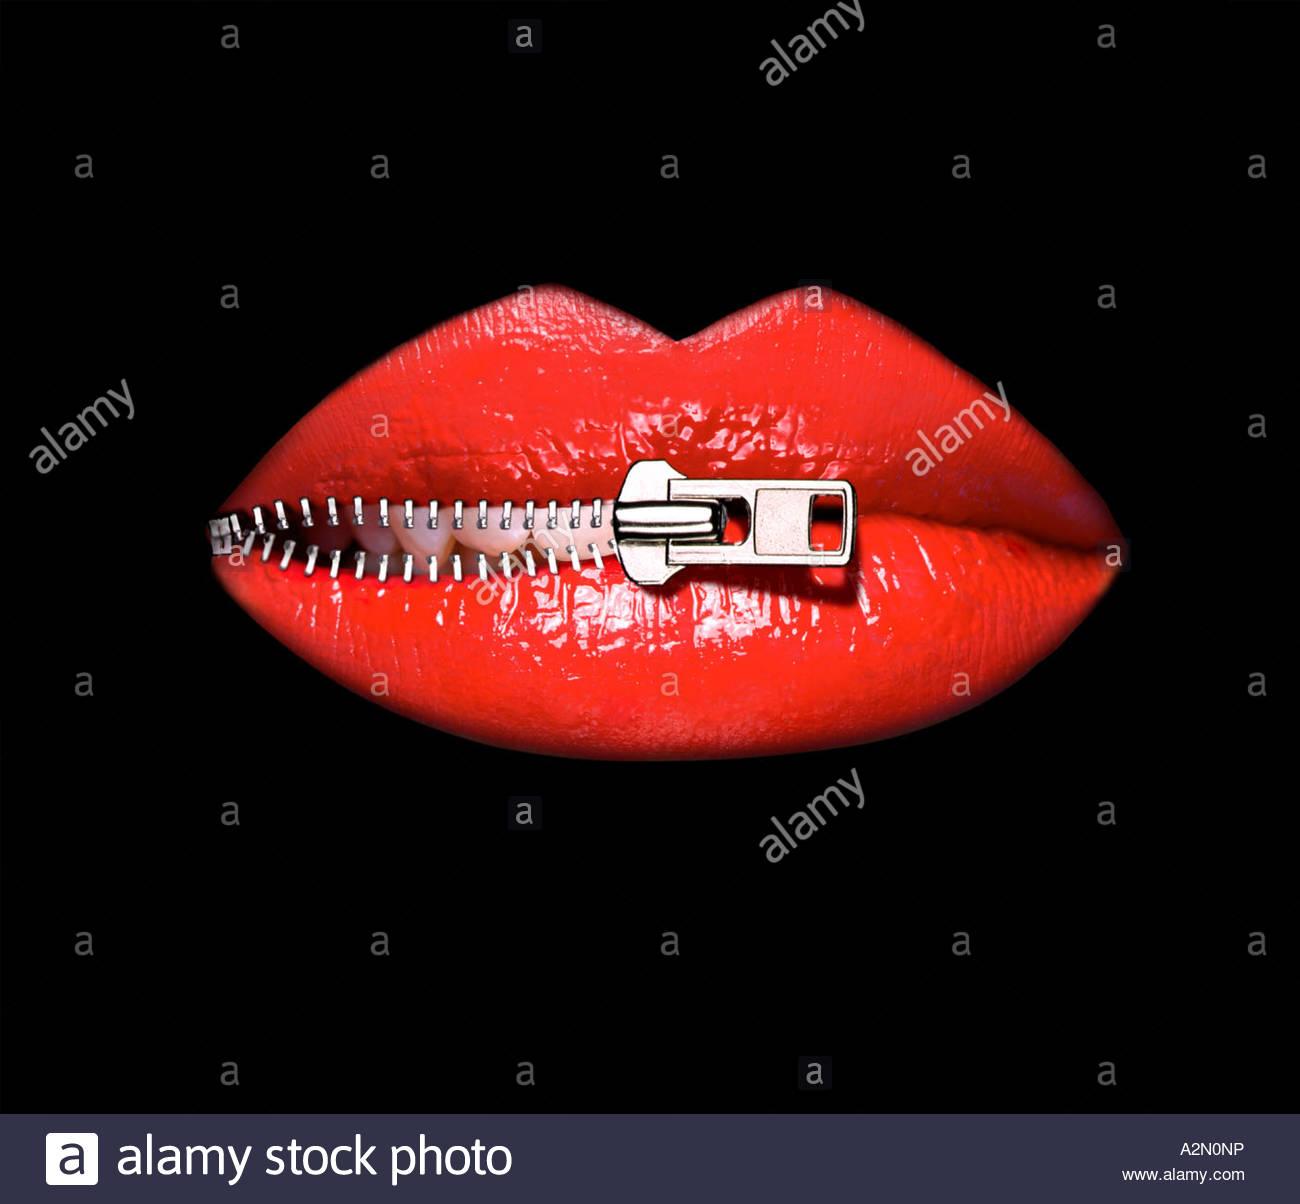 Immagine di una donna di labbri essendo decompresso. Close-up cut-out su sfondo nero Immagini Stock